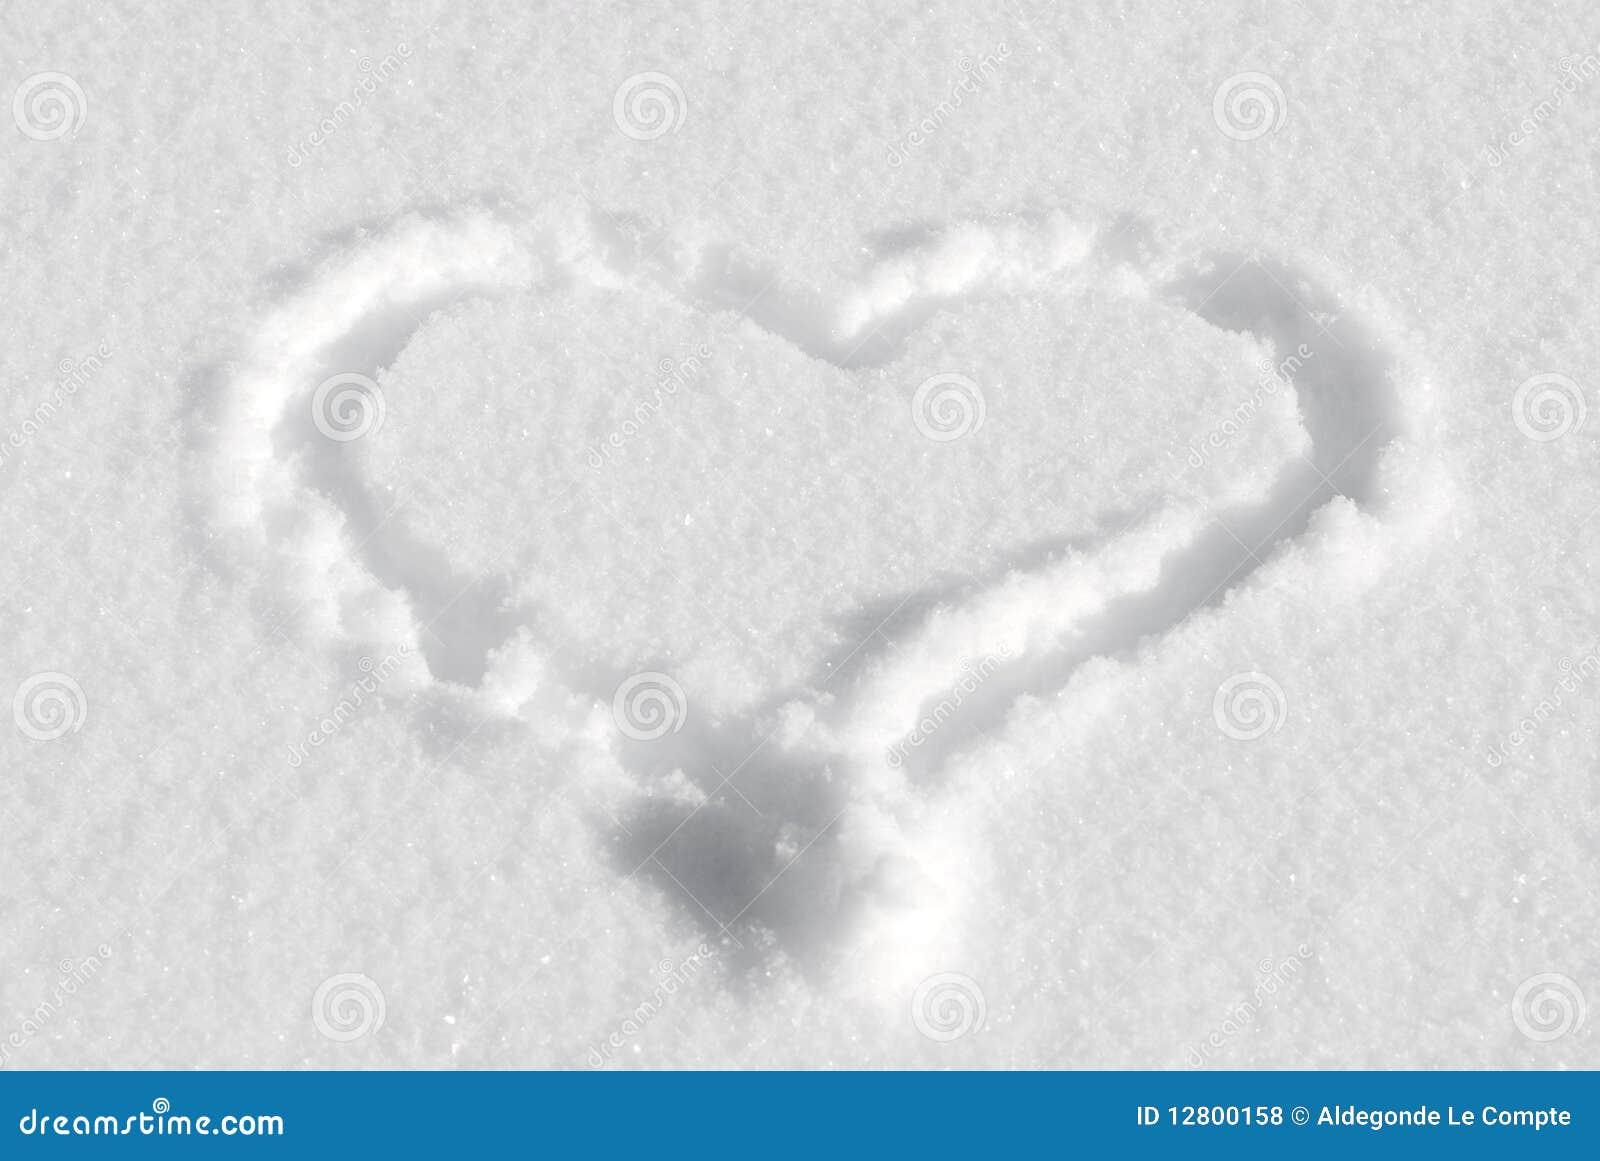 Desenho do coração na neve